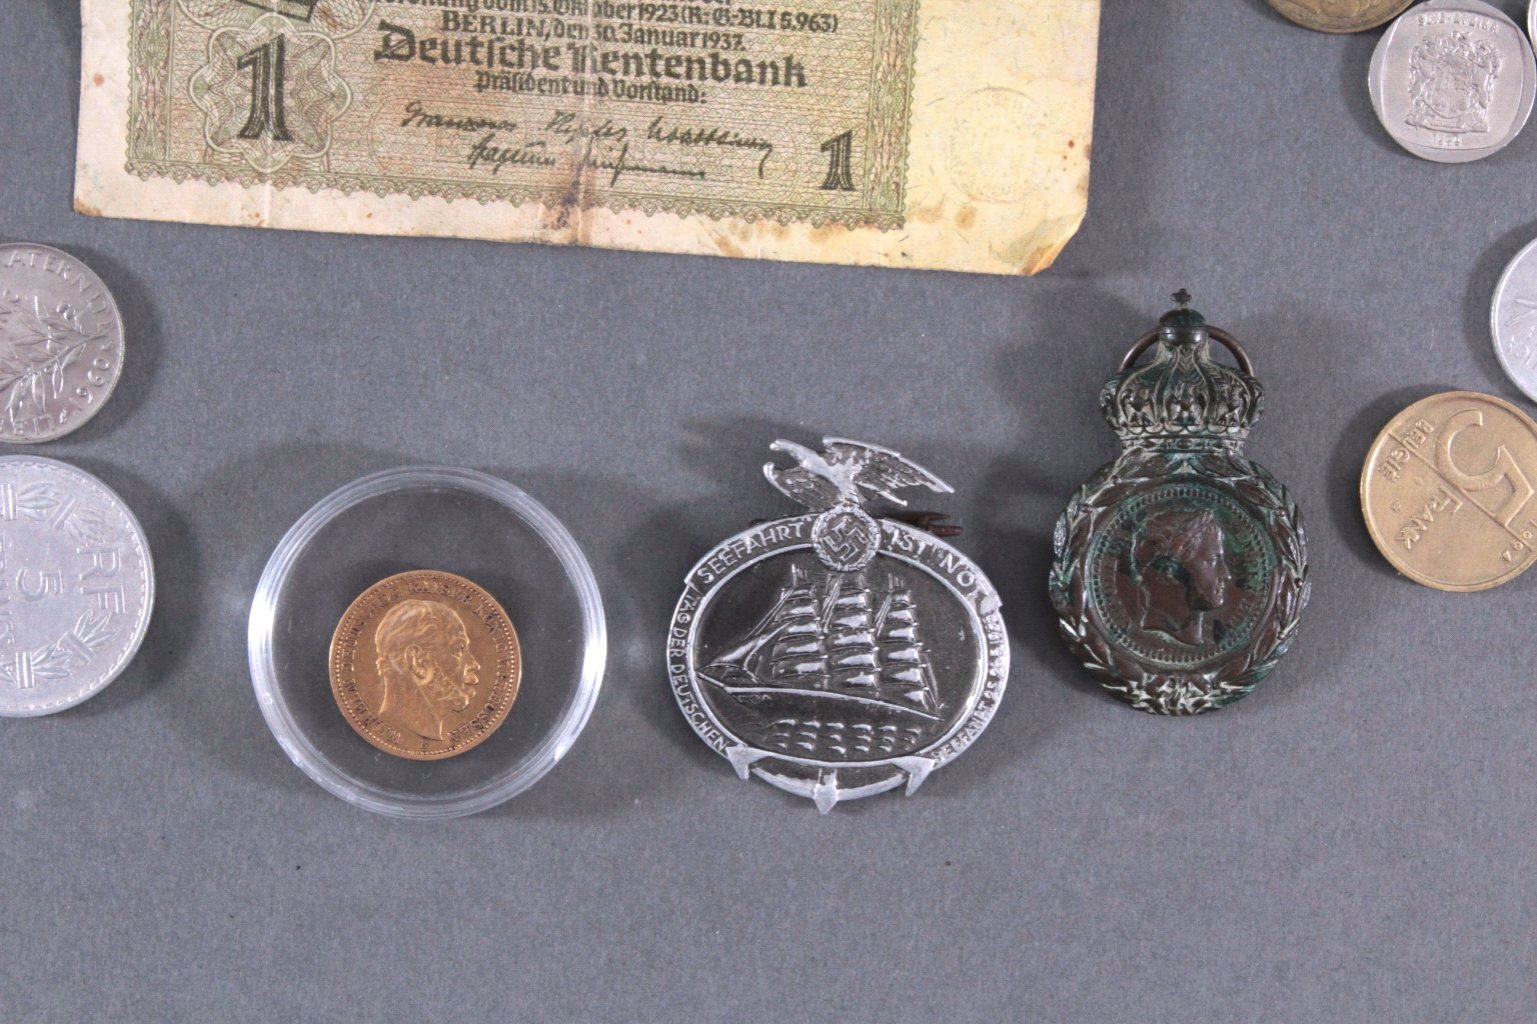 Konvolut Münzen Alle Welt mit 20 Mark Goldmünze von 1873-3